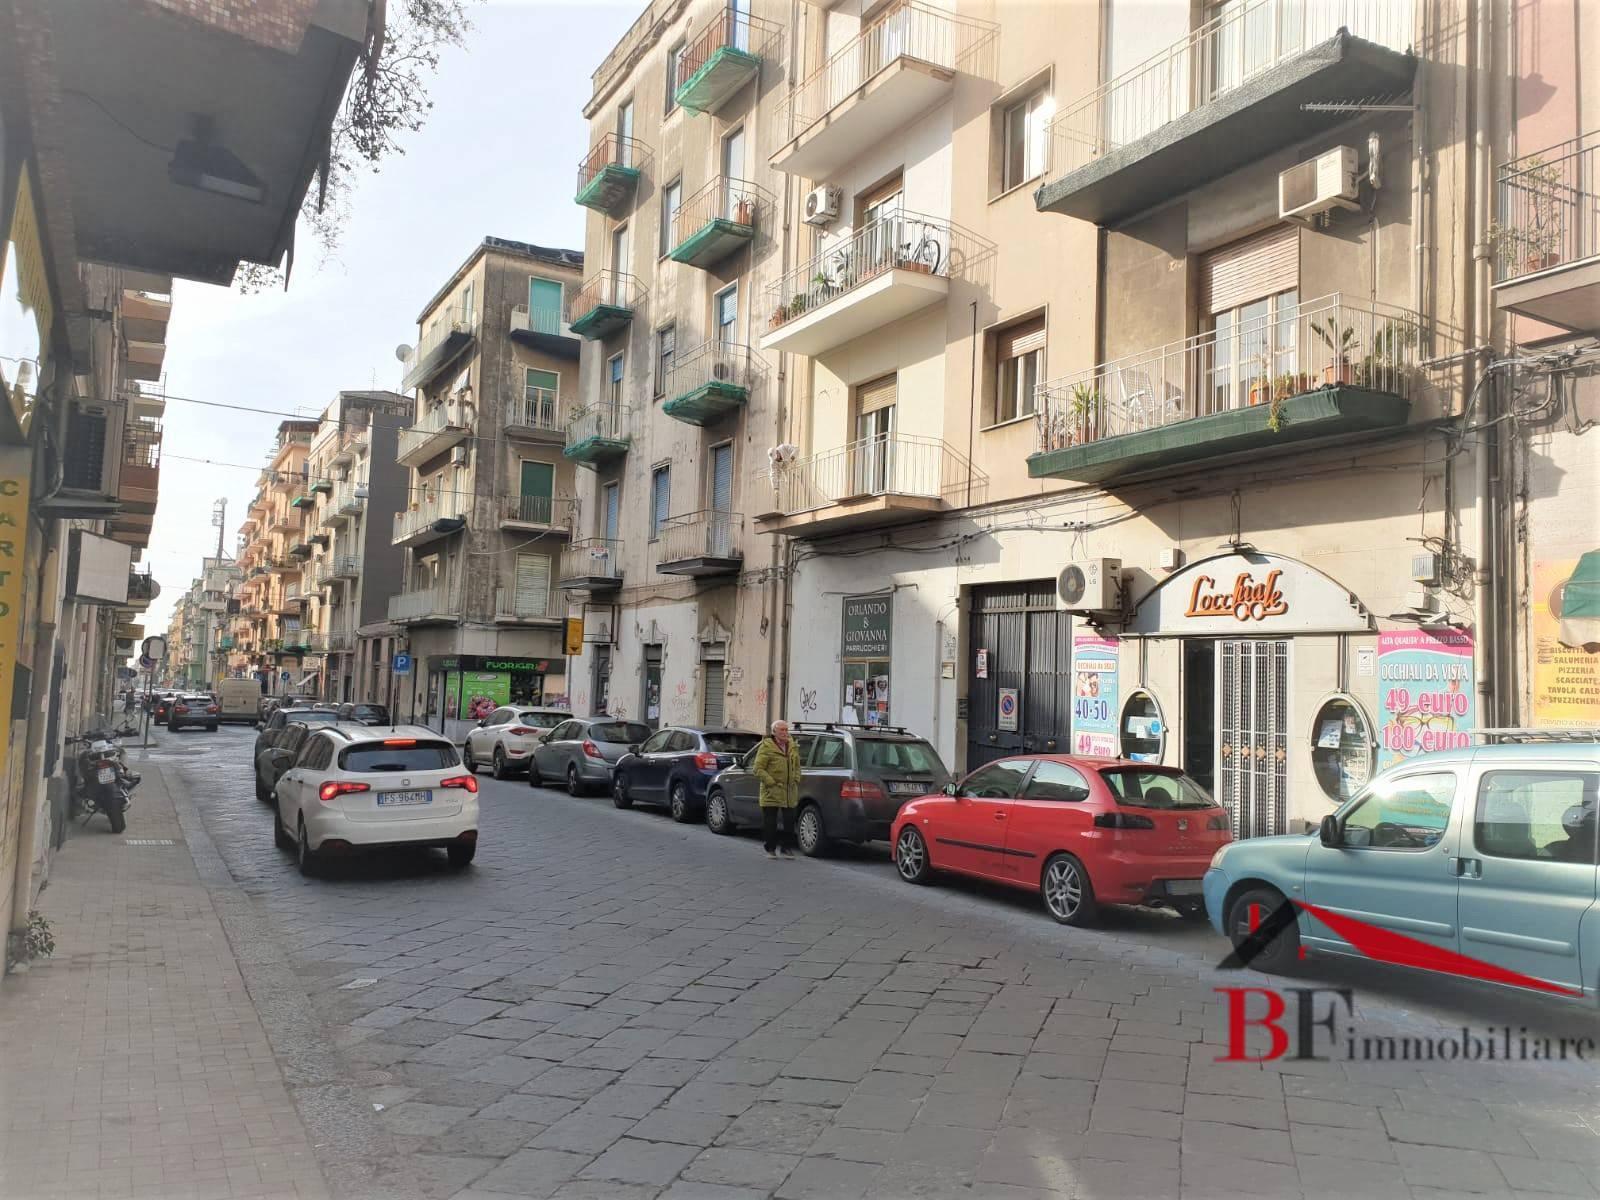 Box / Garage in vendita a Catania, 1 locali, zona Località: C.soItalia-viaLeopardi, prezzo € 33.000 | CambioCasa.it